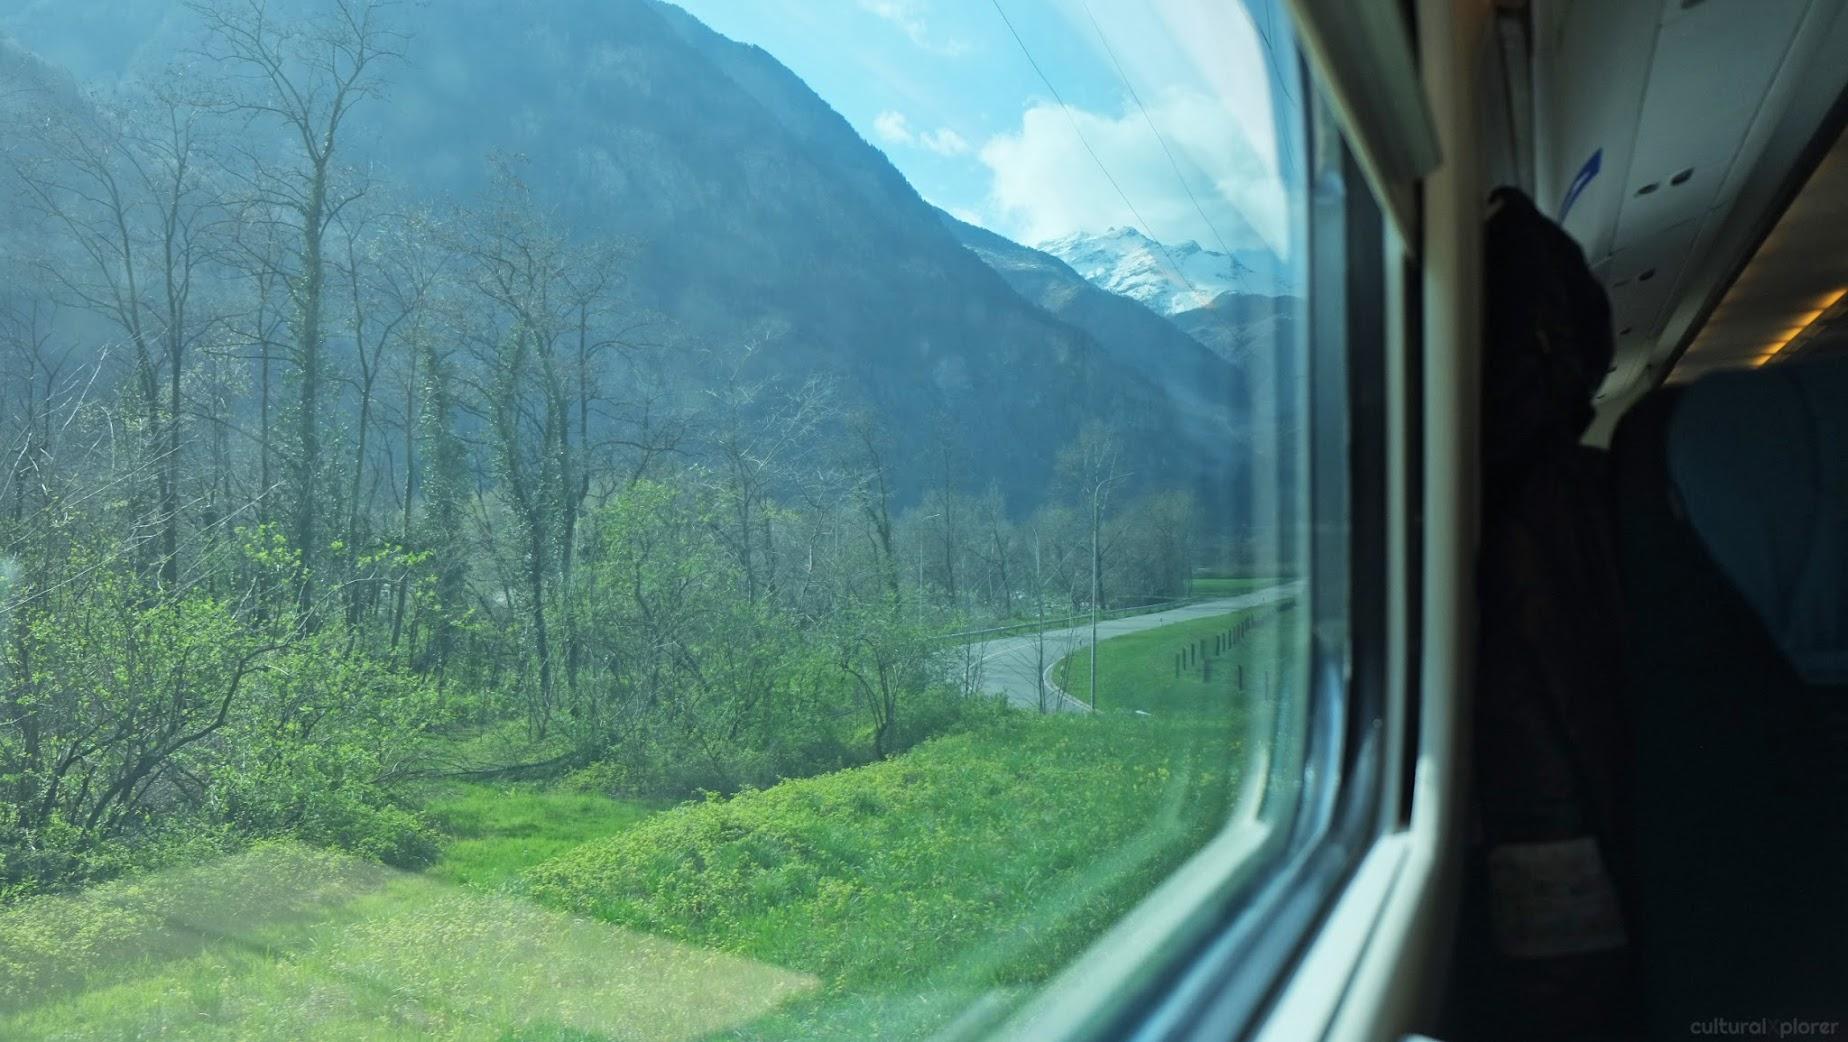 Milan to Zurich train